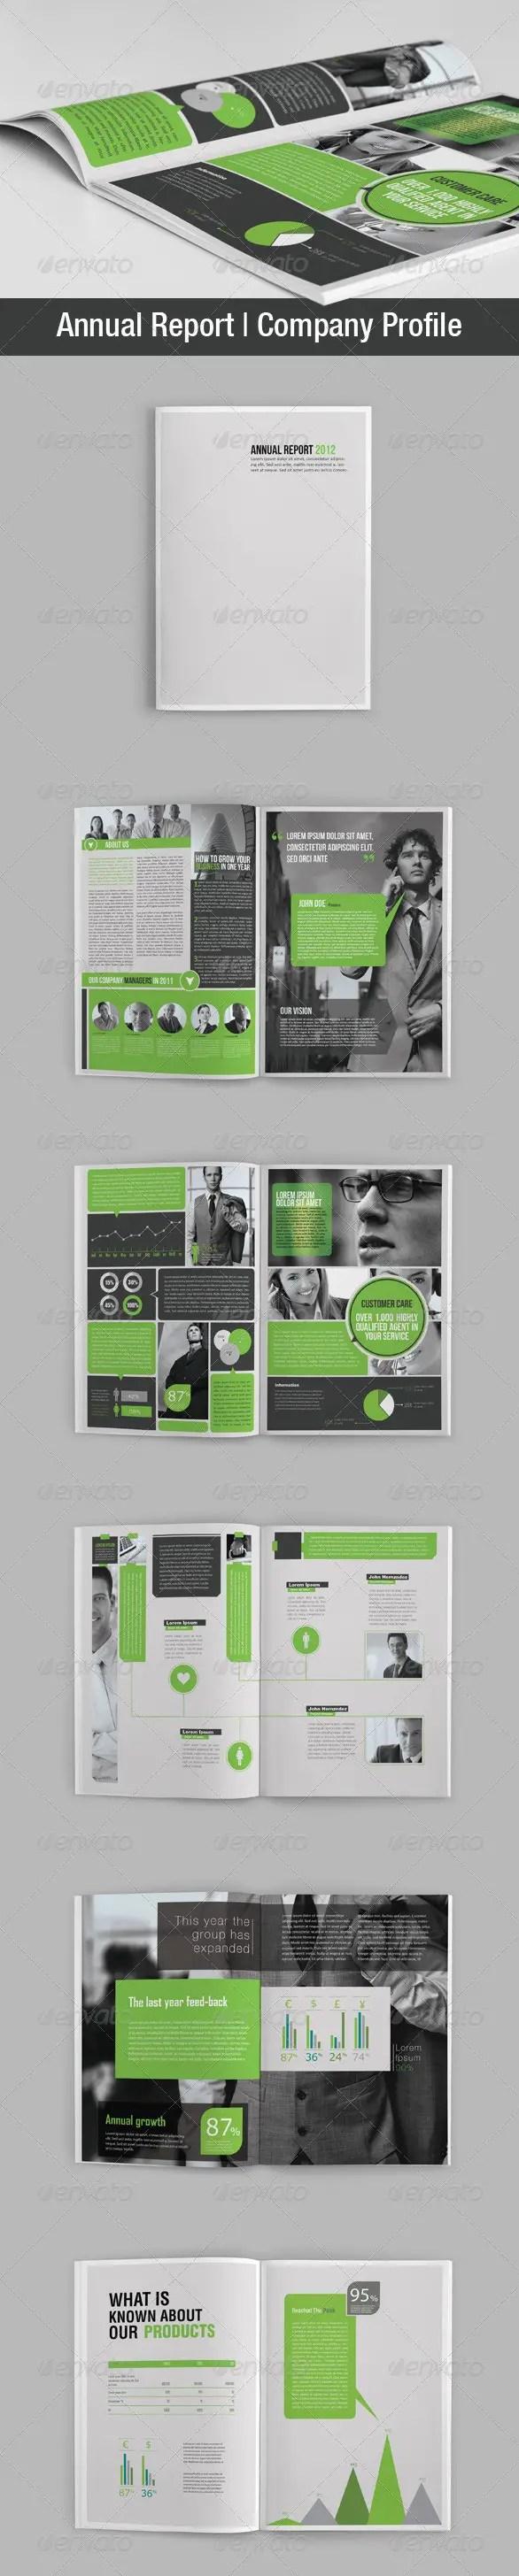 Annual Report & Company Profile